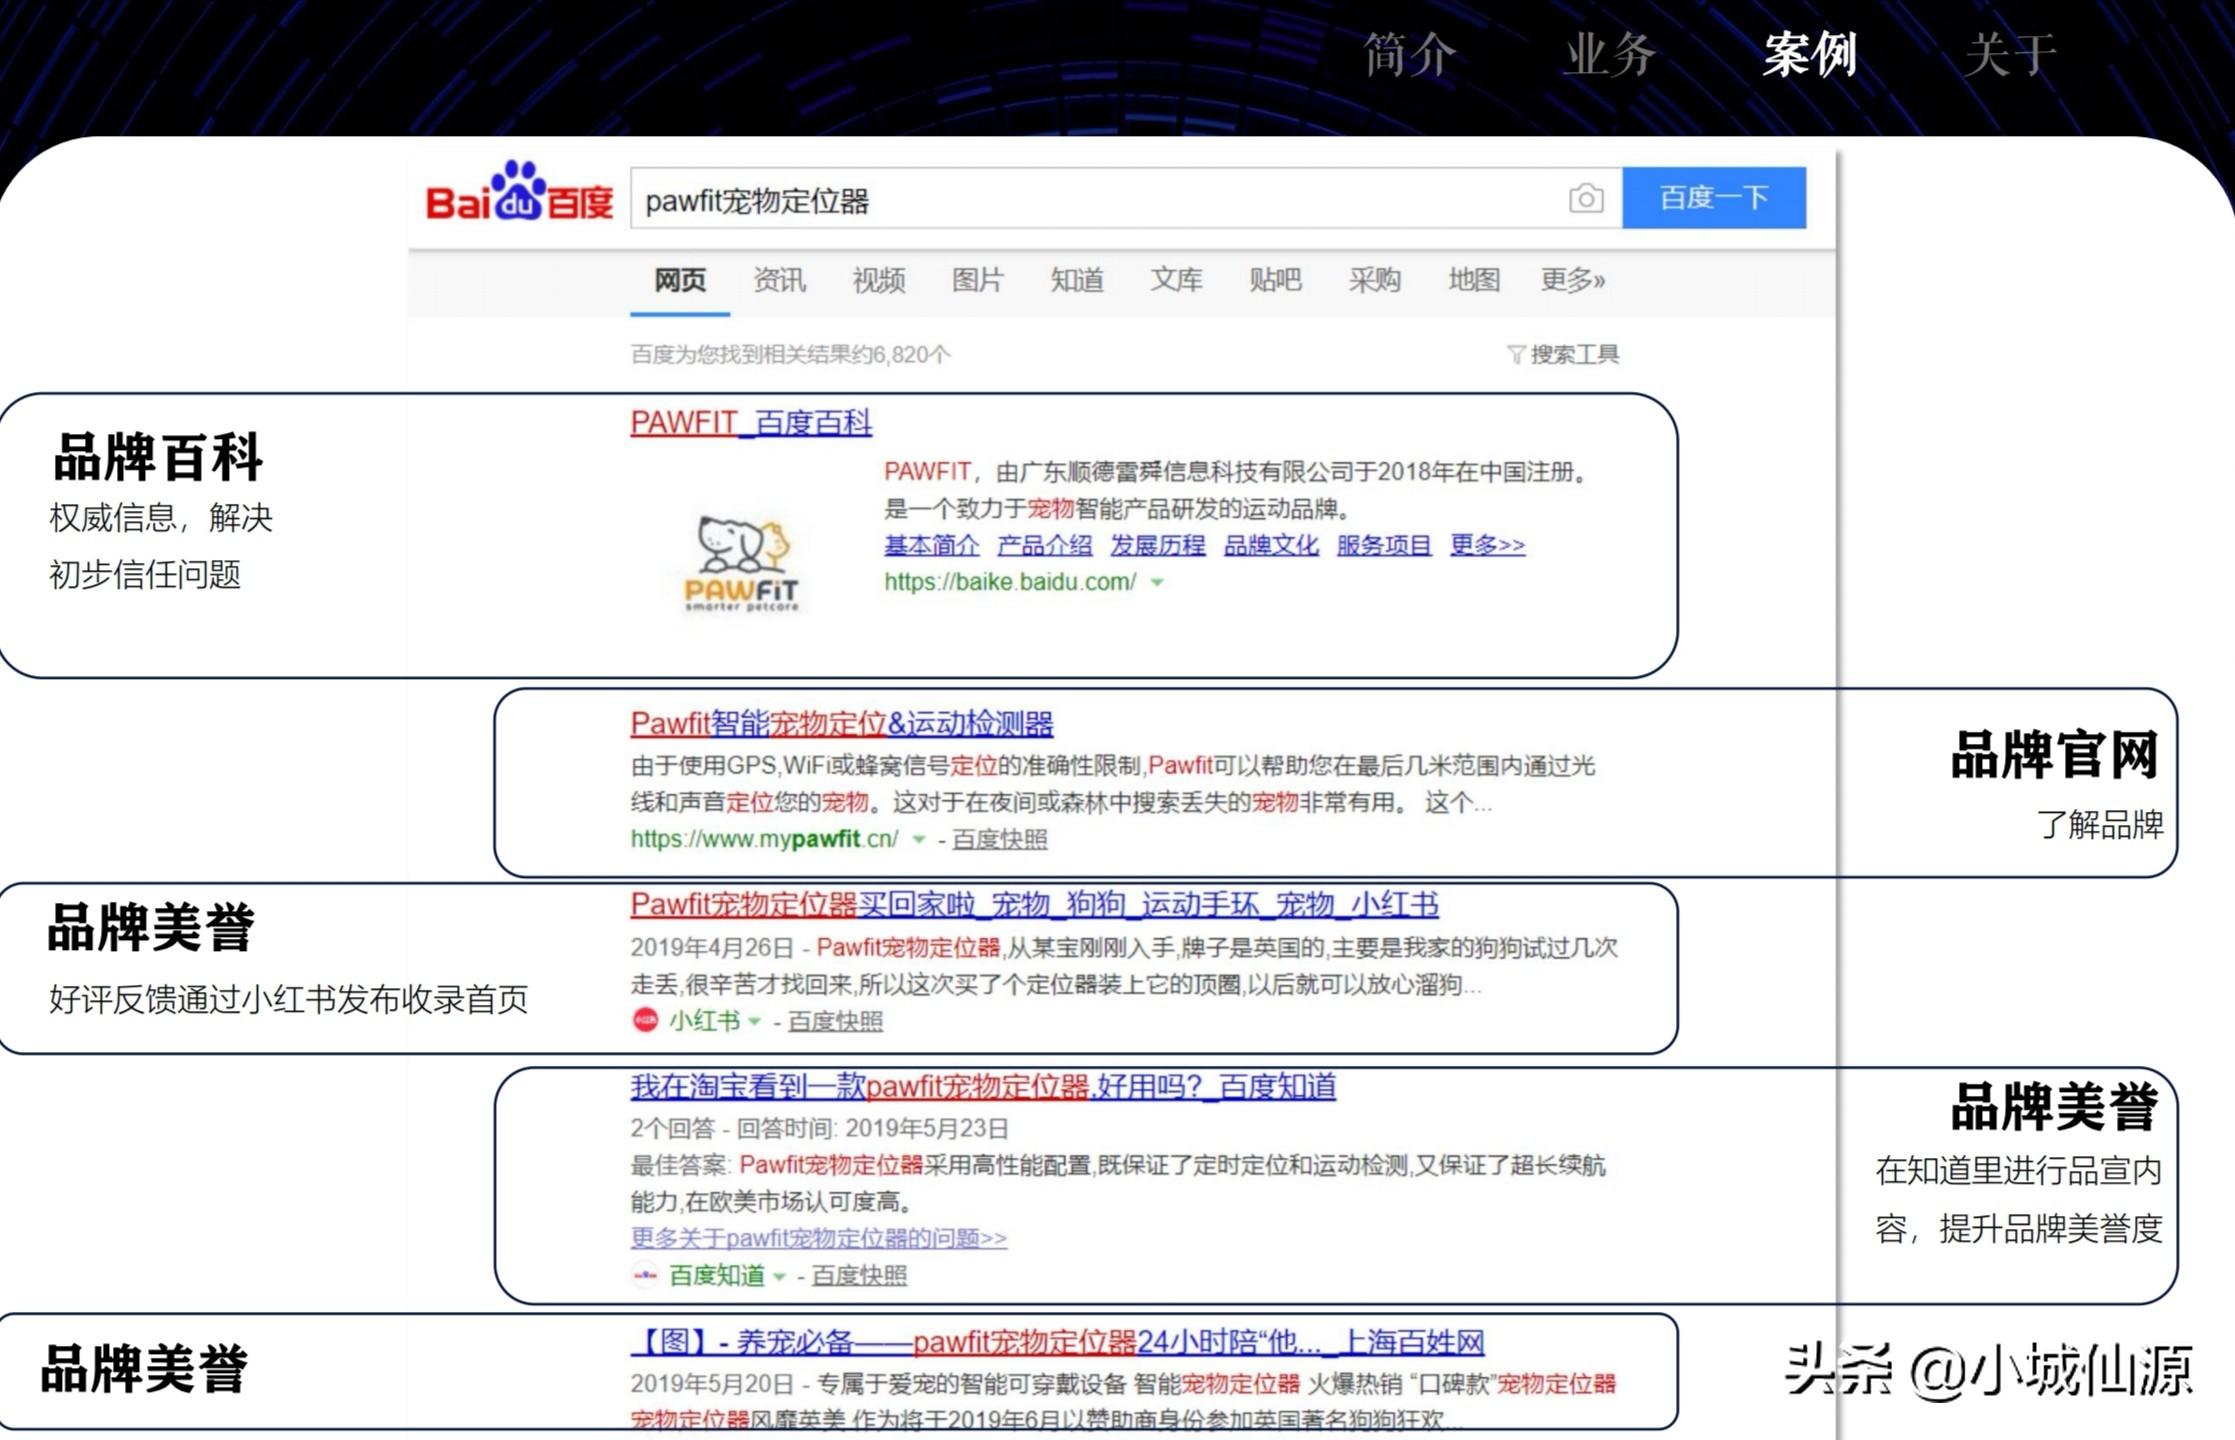 四为网络凯叔观点:全网整合营销推广都包括哪些营销推广方式?